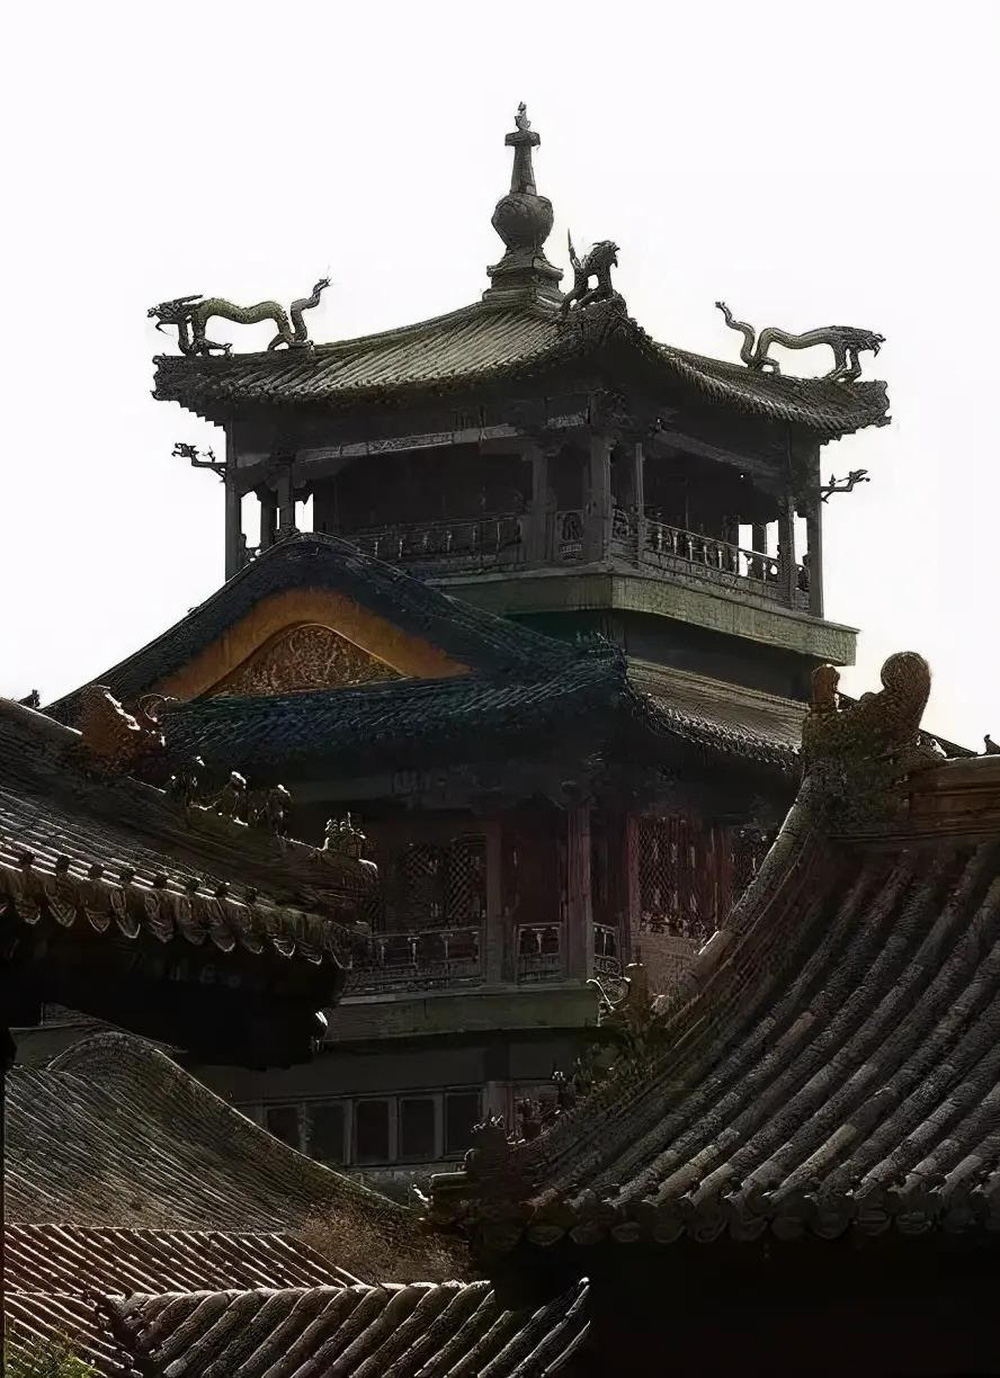 3 cung điện bí ẩn nhất Tử Cấm Thành: Vì sao đến nay chưa 1 lần mở? - Ảnh 2.